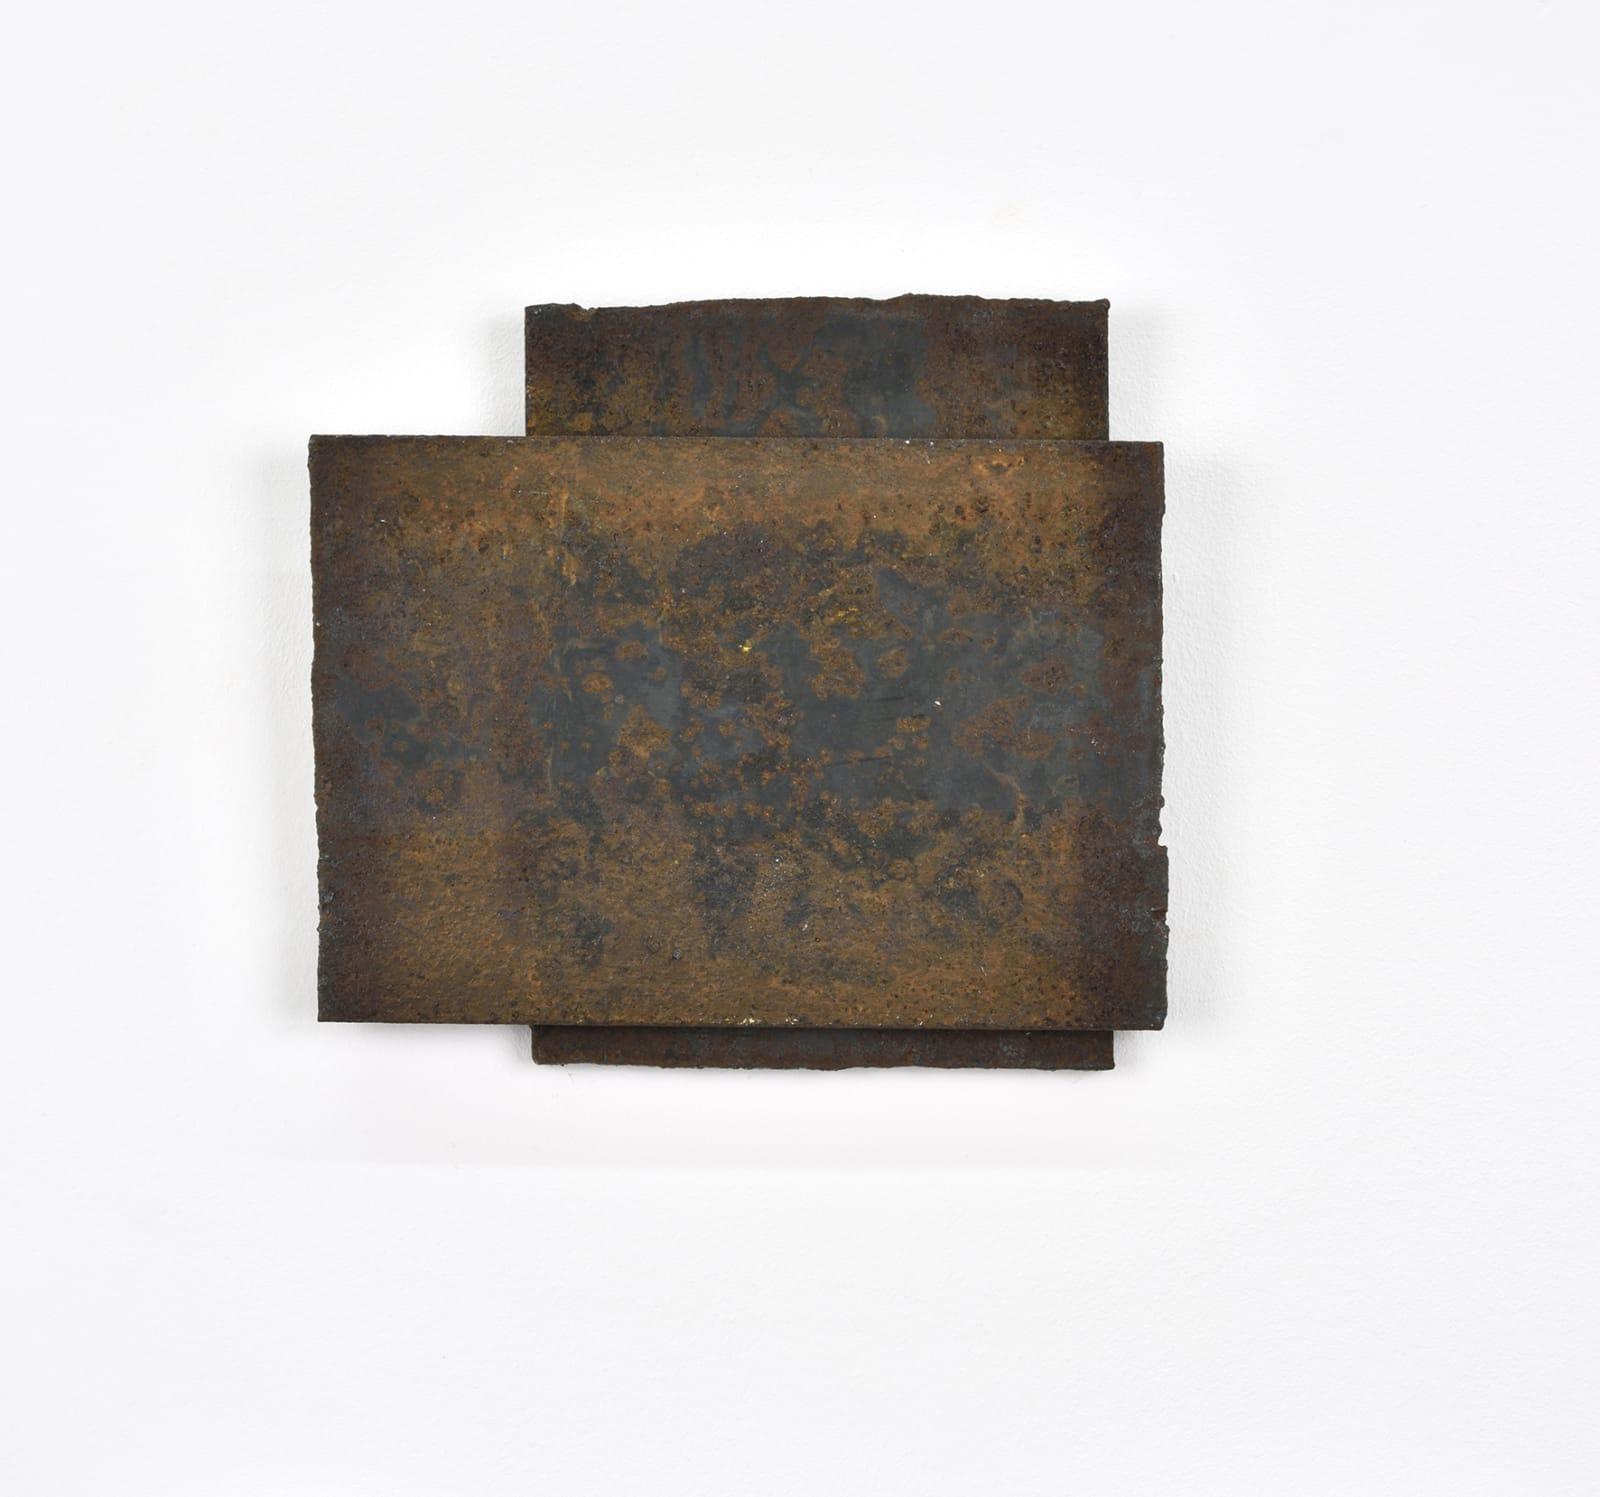 Richard Nonas, Sans titre, 2006